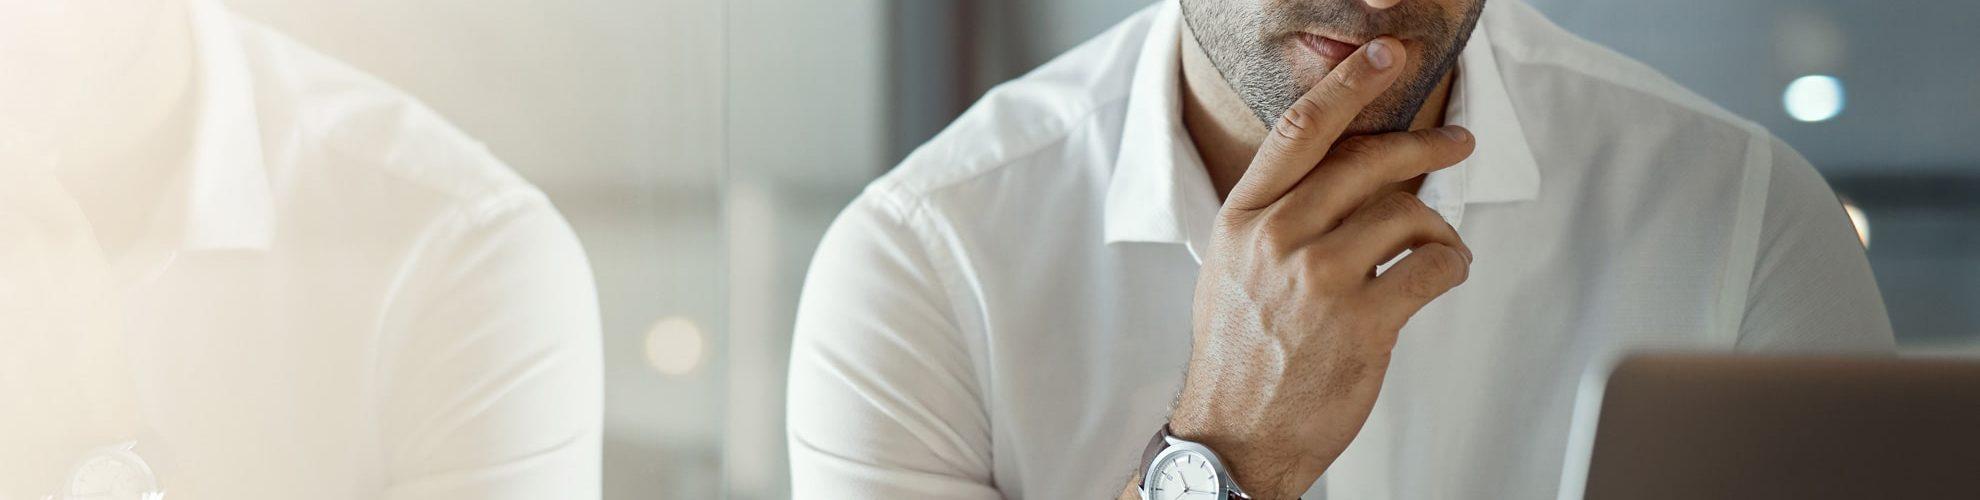 Le soluzioni digitali al servizio del commercialista nell'attività di consulenza alle aziende per gestire la fase di ripartenza economica a seguito del Coronavirus.